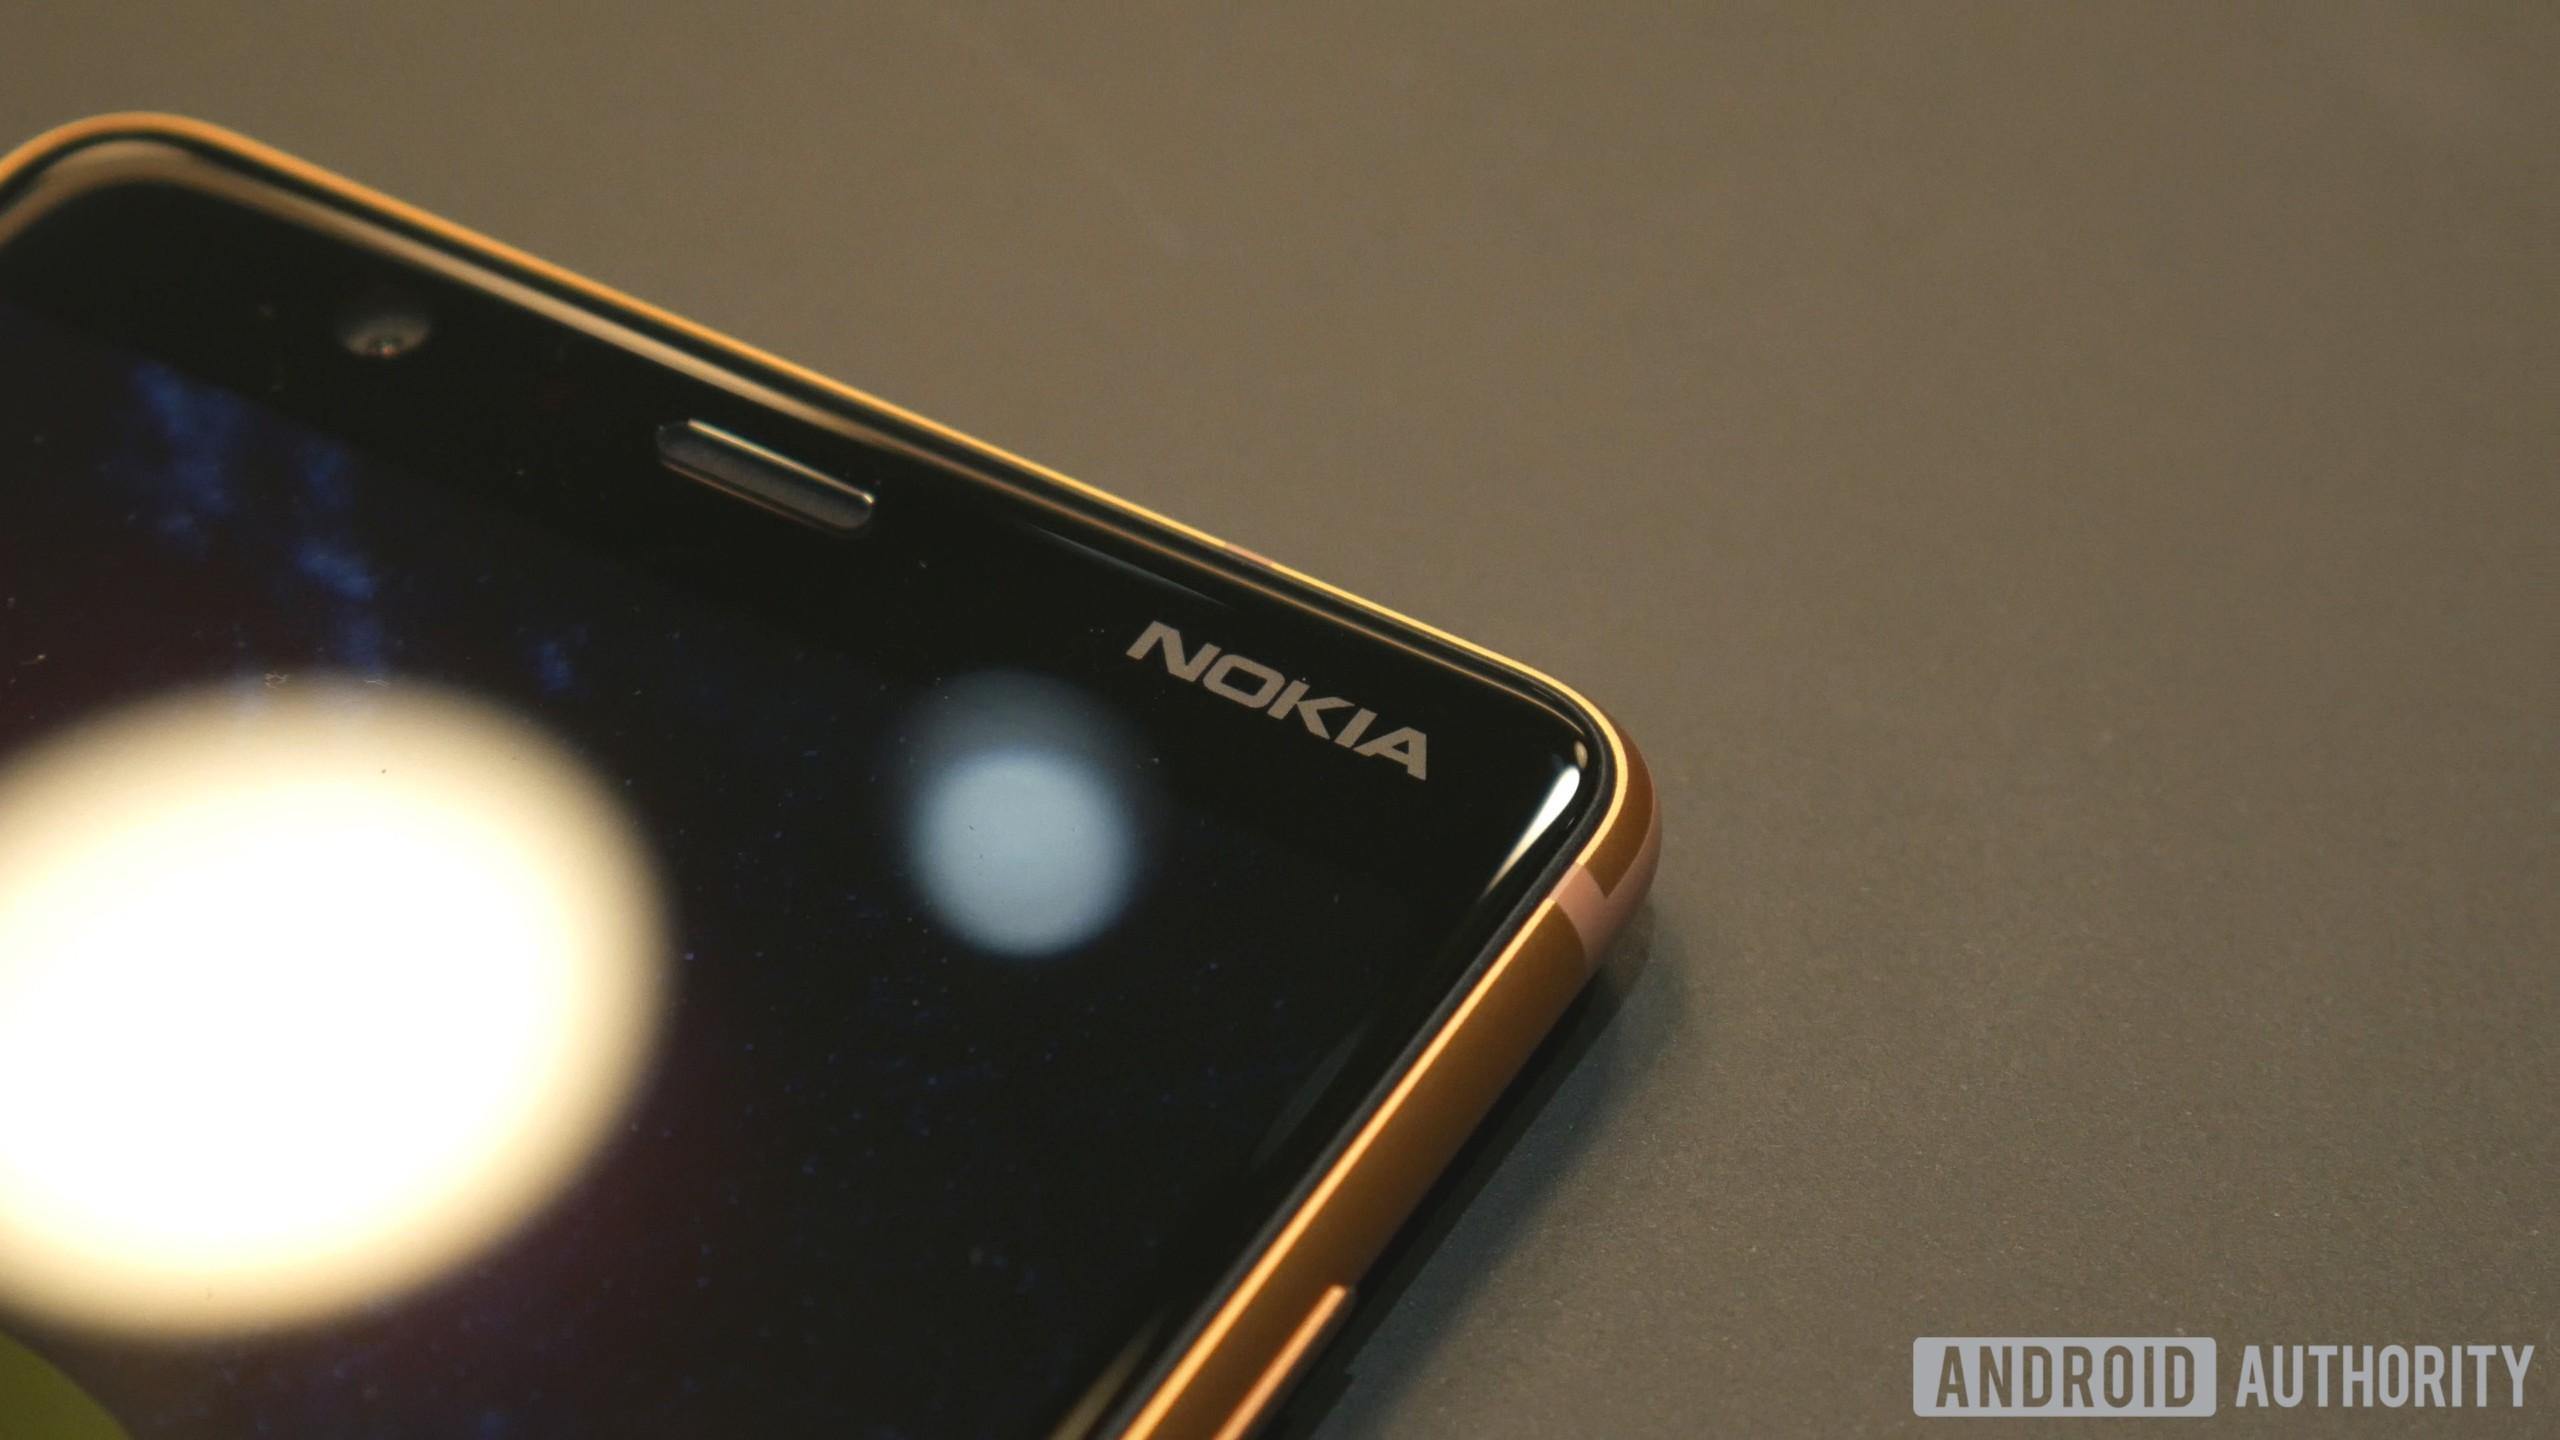 Новый смартфон Nokia был замечен на сайте FCC: будет ли это очередное бюджетное устройство?